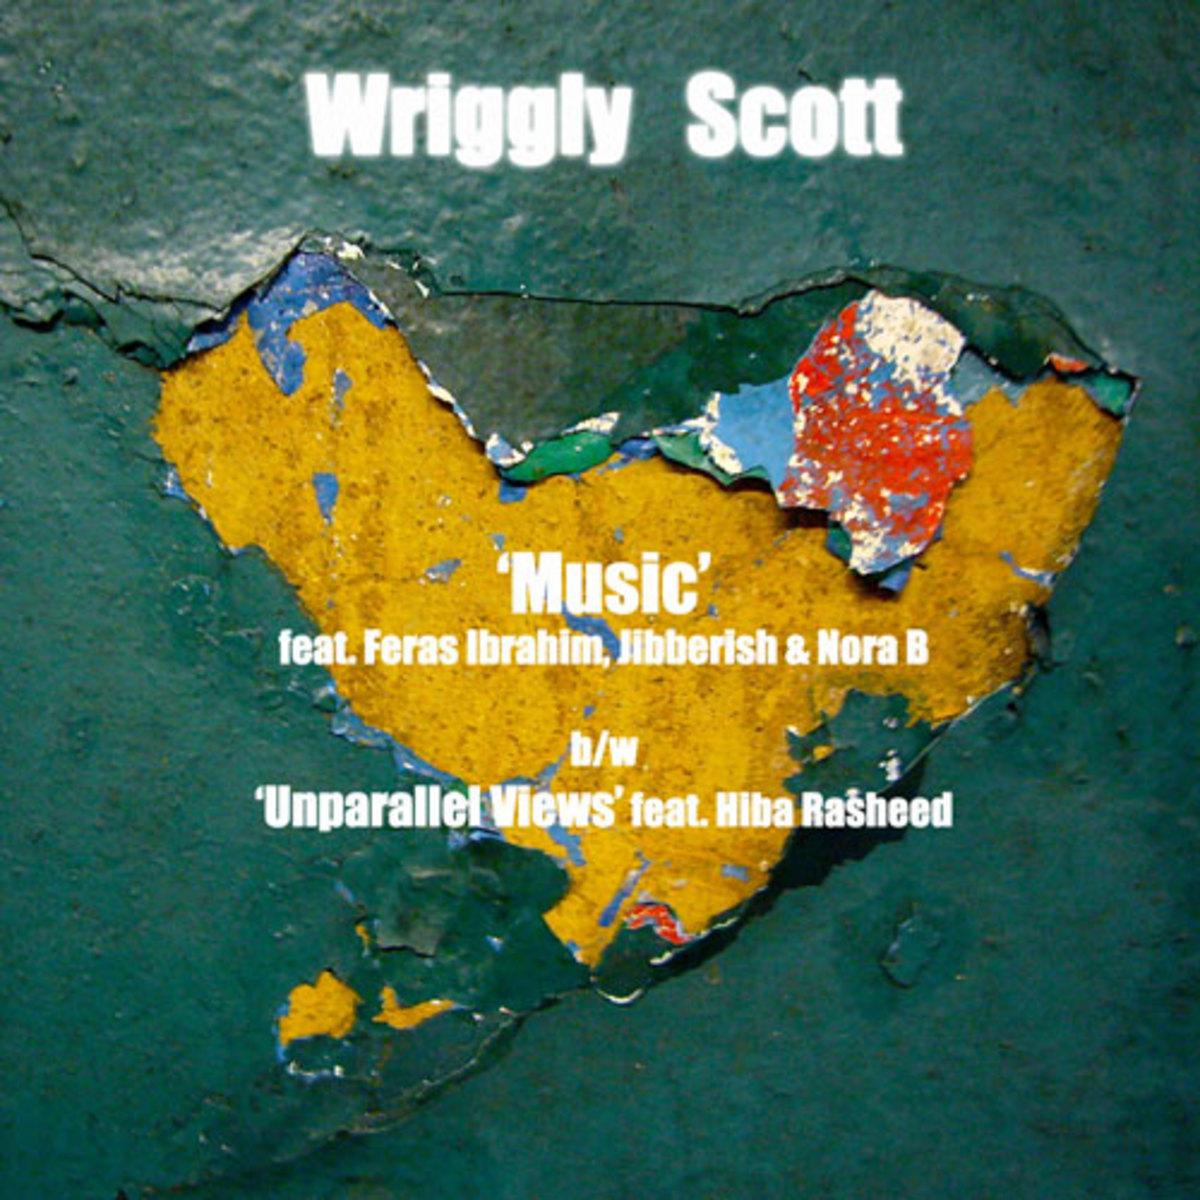 wscott-music.jpg